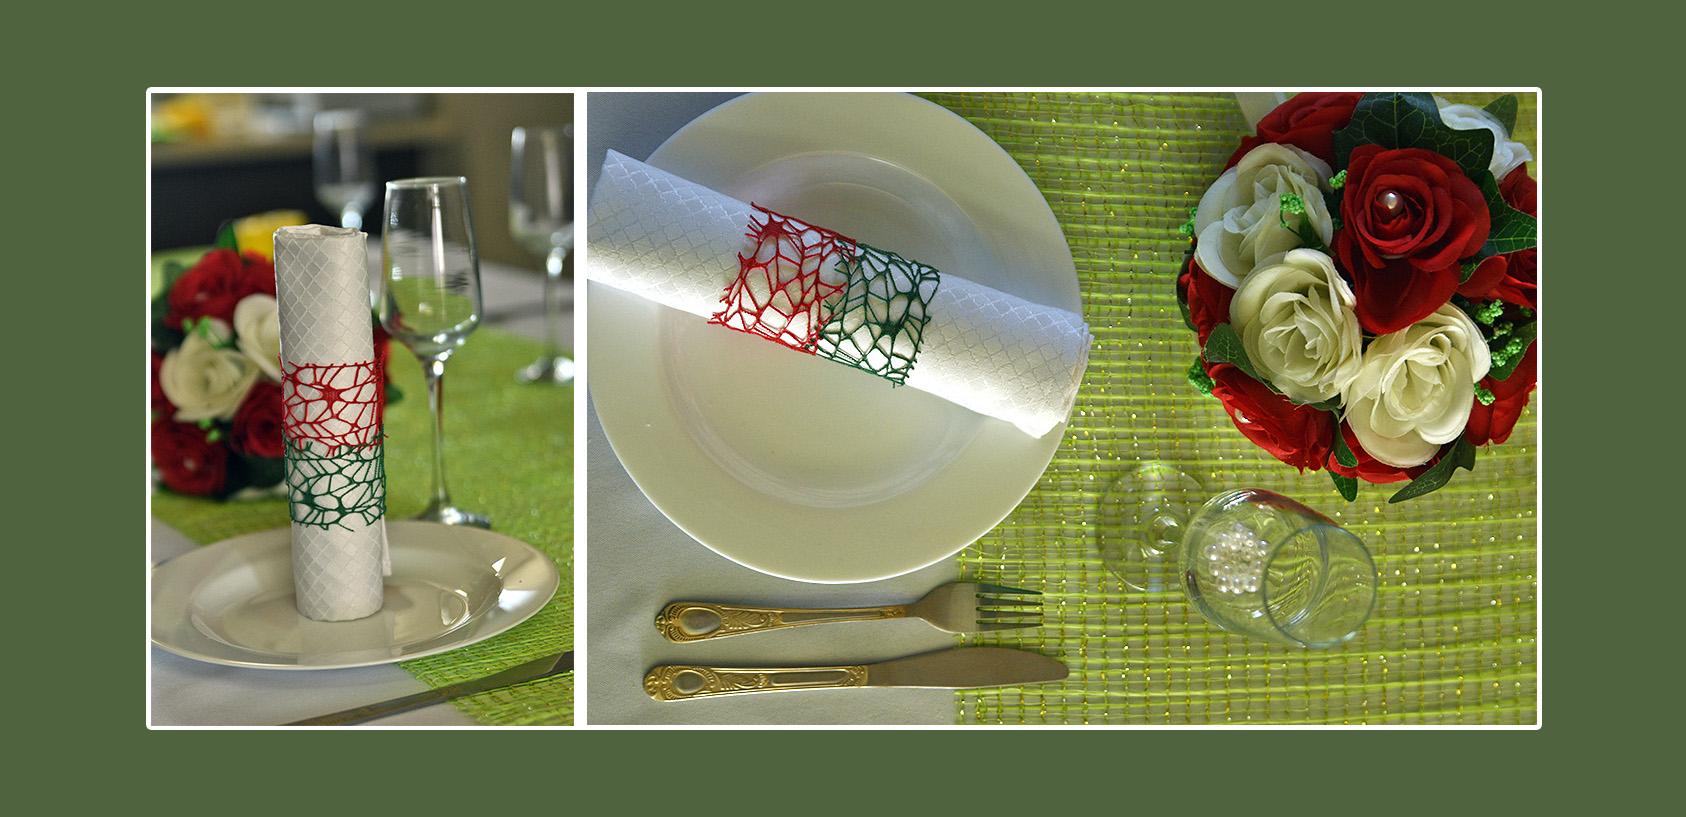 Servietten weiß mit rot-grüner Deko für Hochzeit und Geburtstag